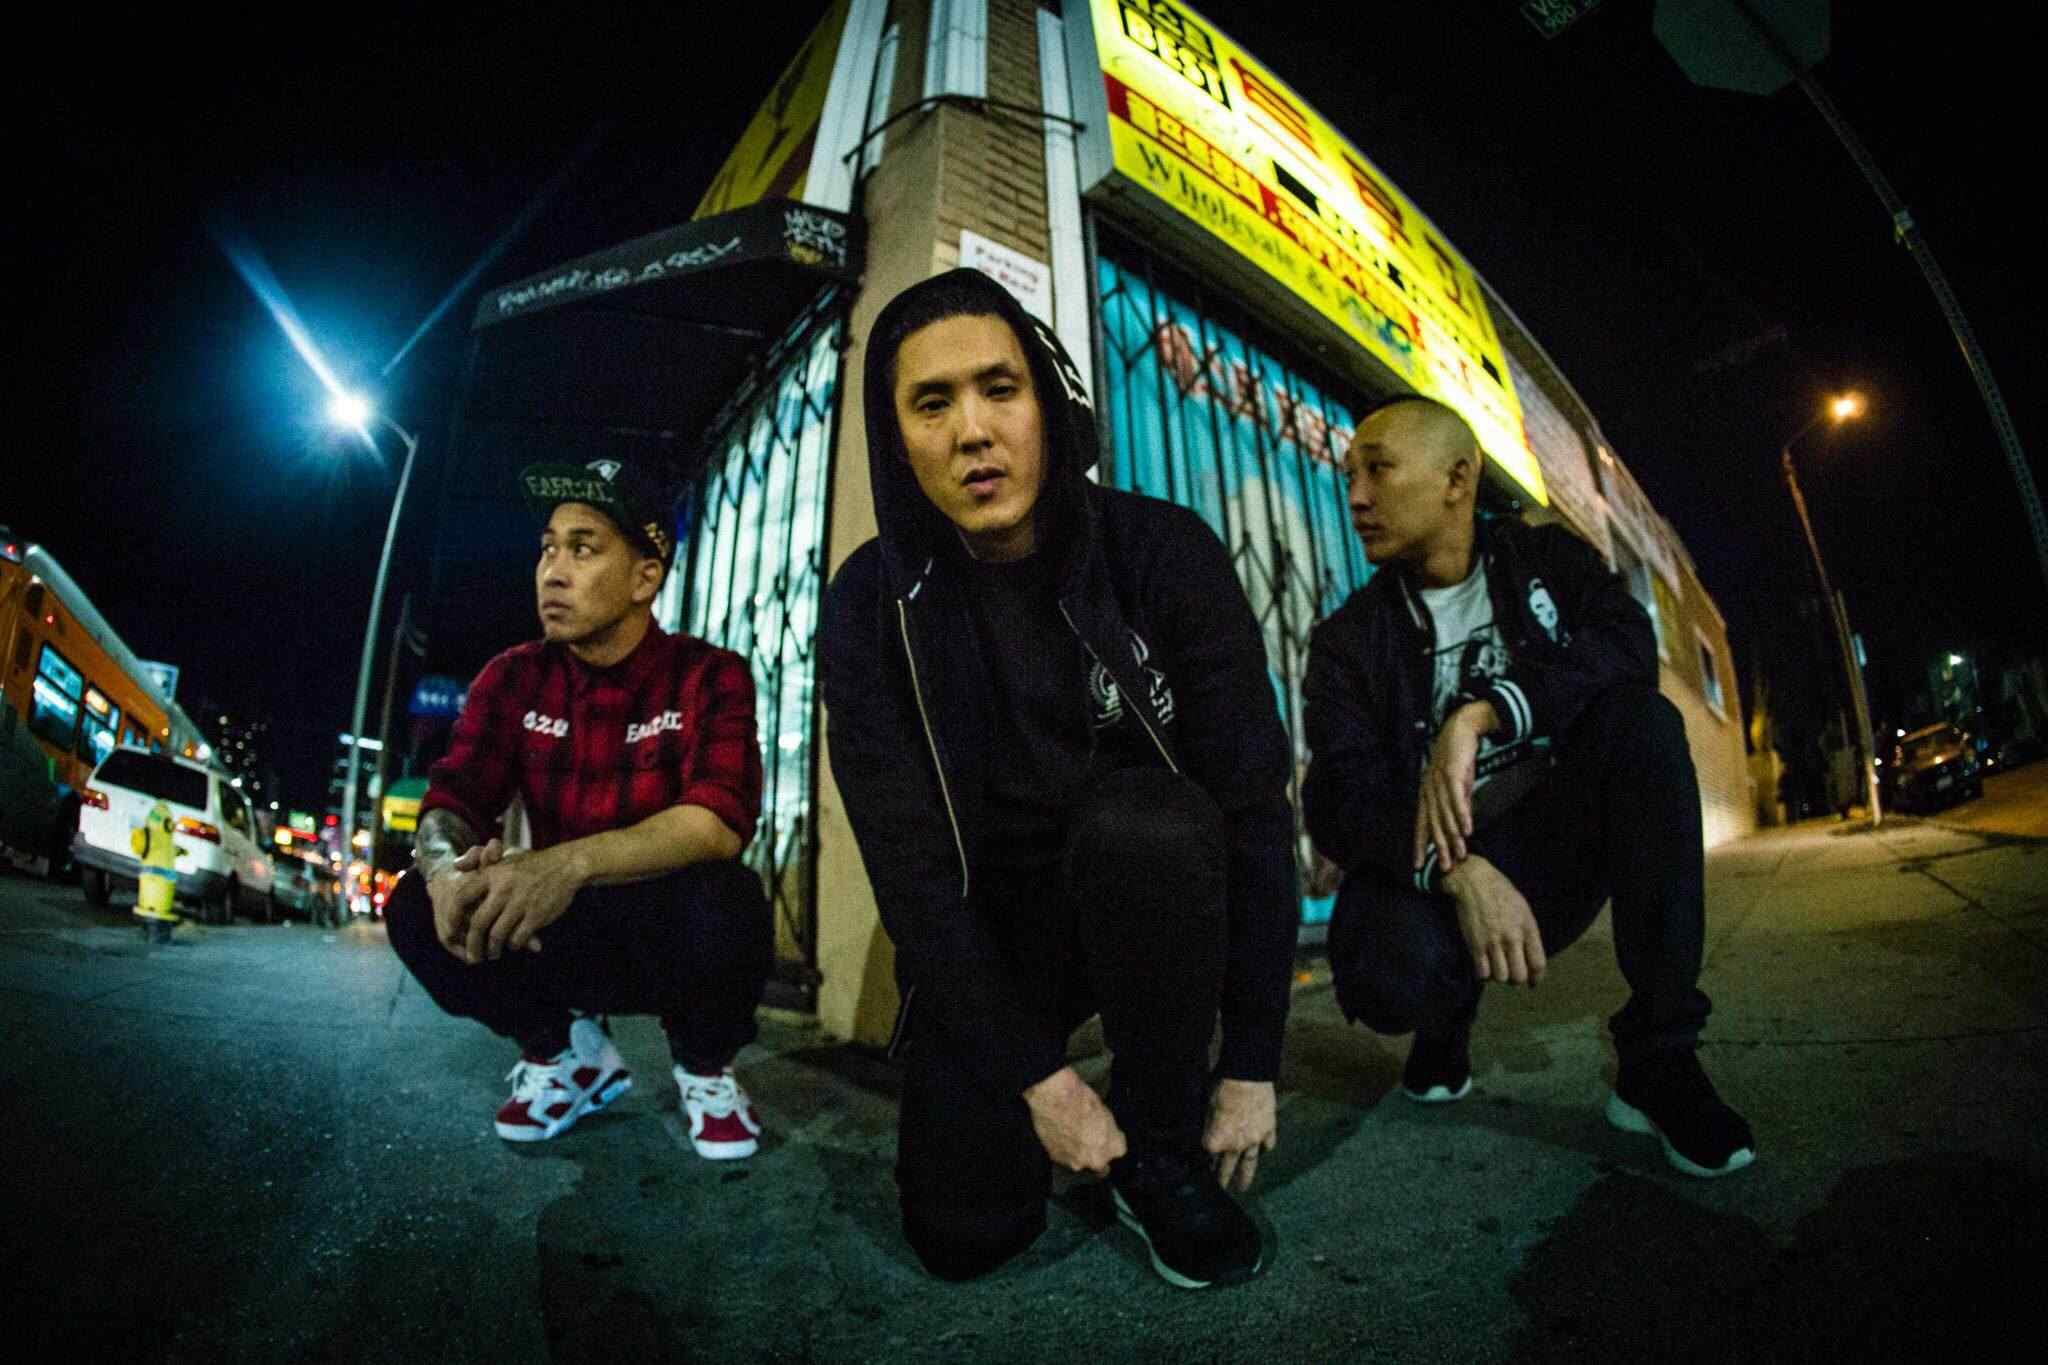 Interview: Far East Movement on Asian Parents, the LA Riots